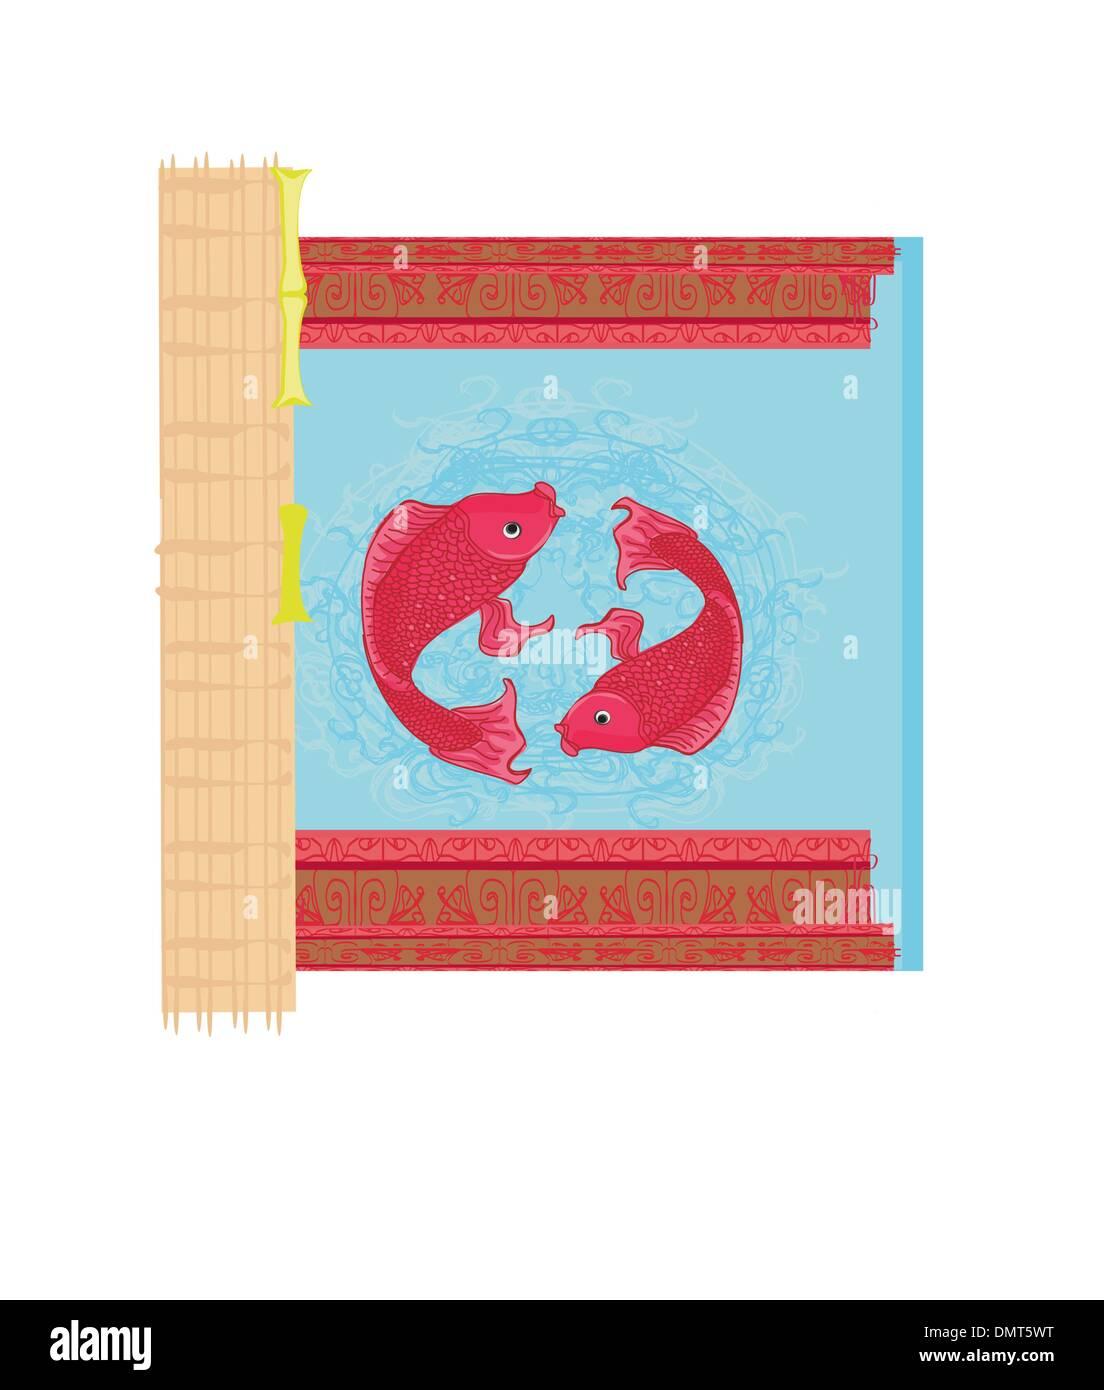 Japanese Koi Fish Chinese Carp Card Stock Photos & Japanese Koi Fish ...